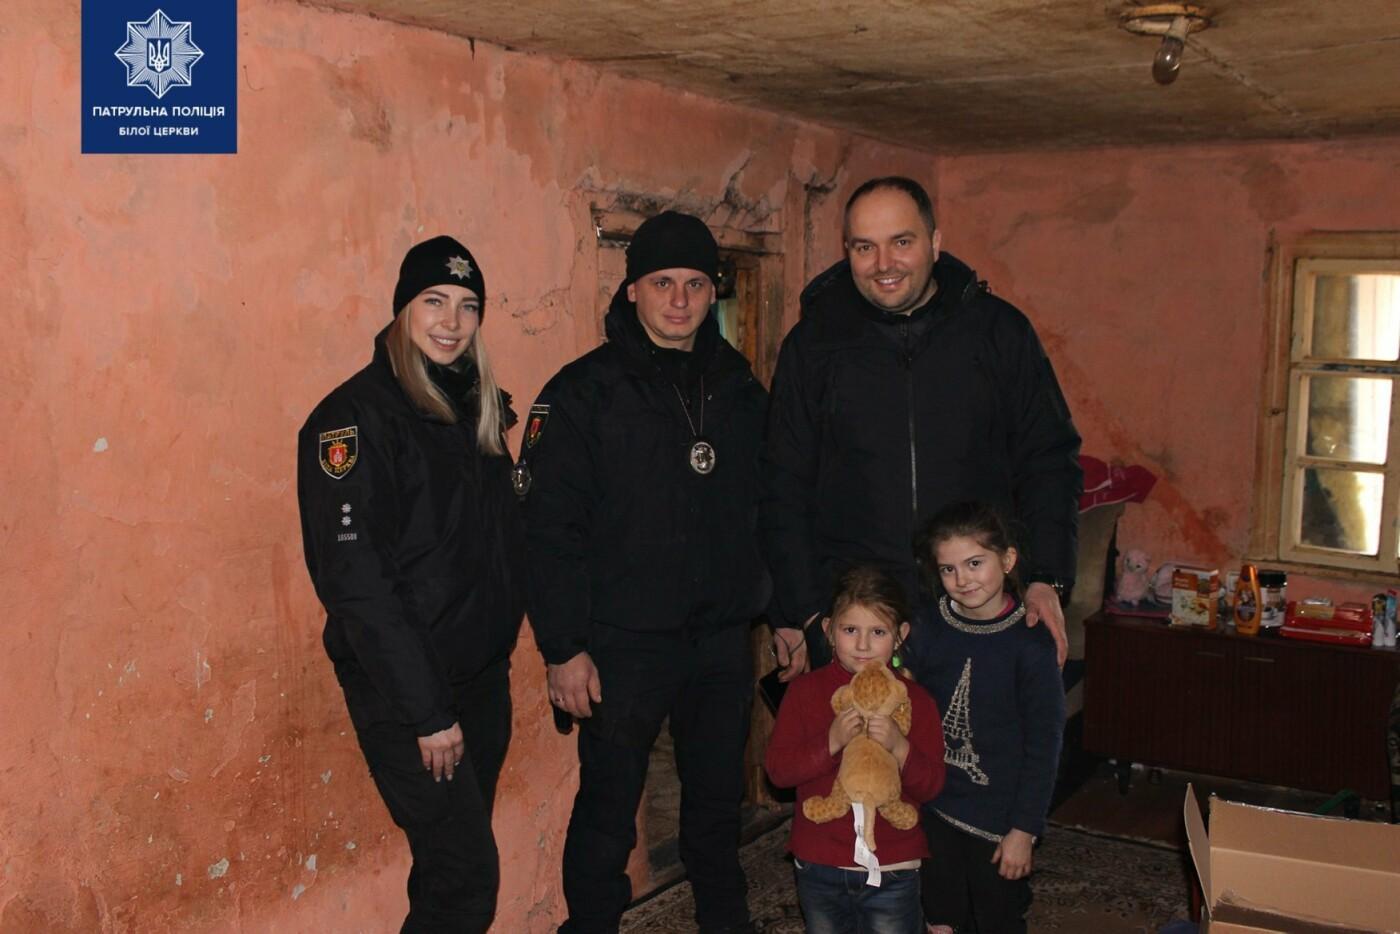 Білоцерківські патрульні та патрульний капелан привітали діток зі святами, фото-14